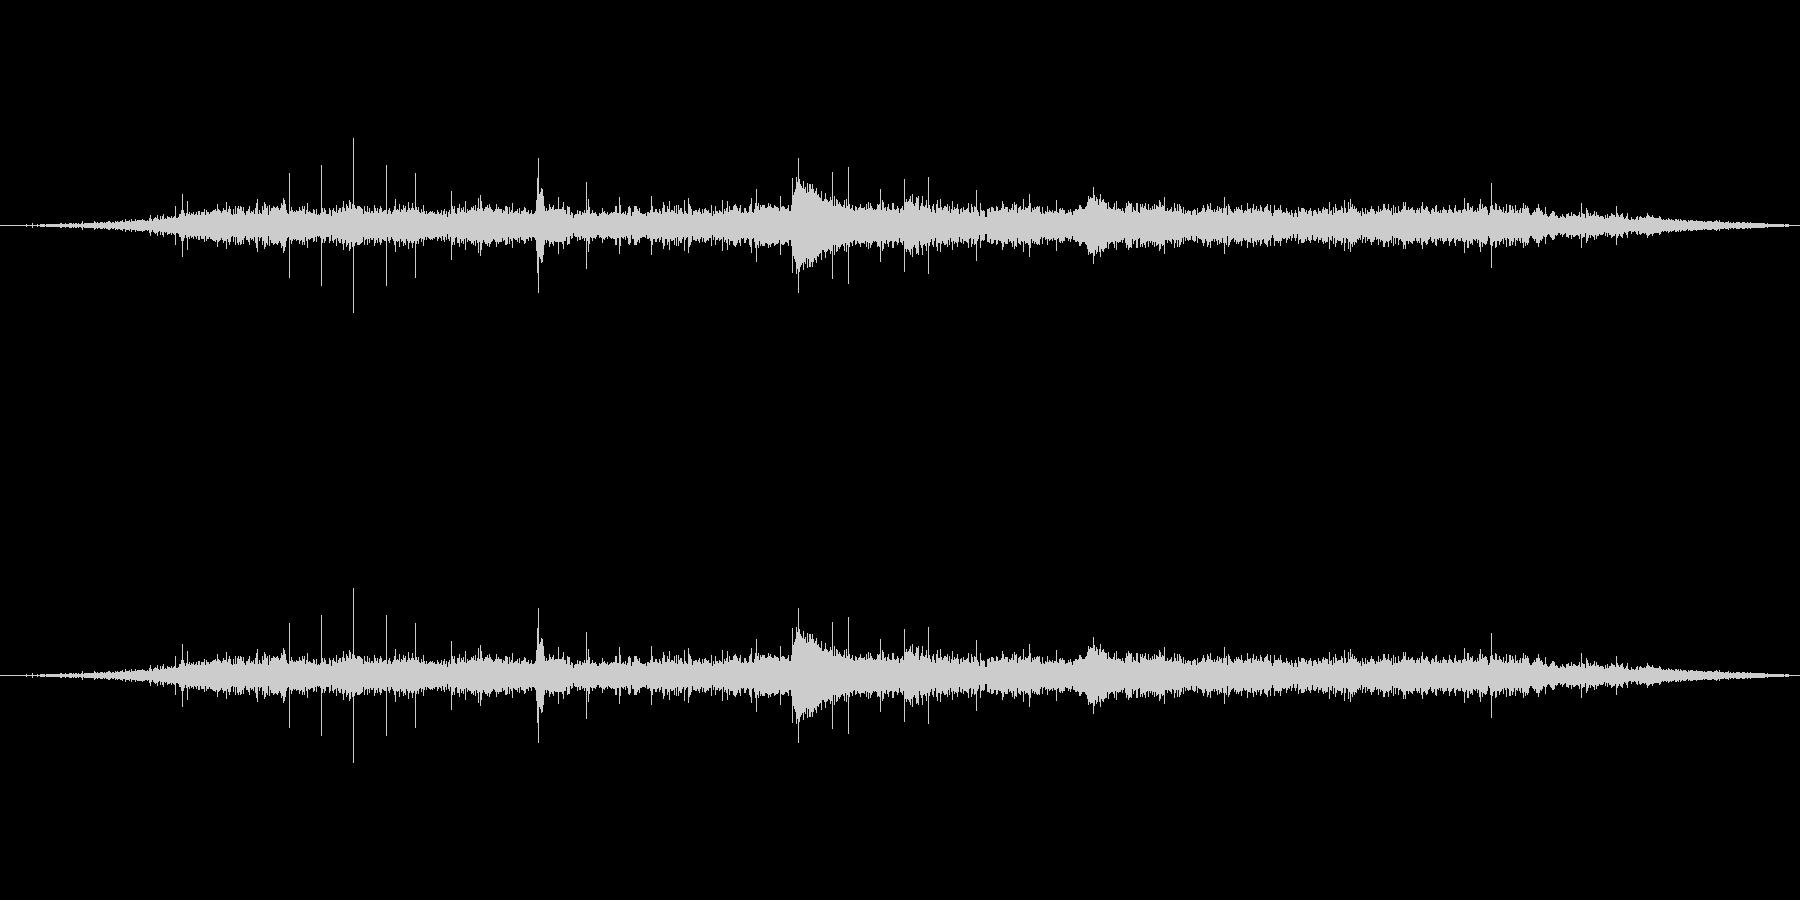 声のつぶやき音声開始領域-の未再生の波形